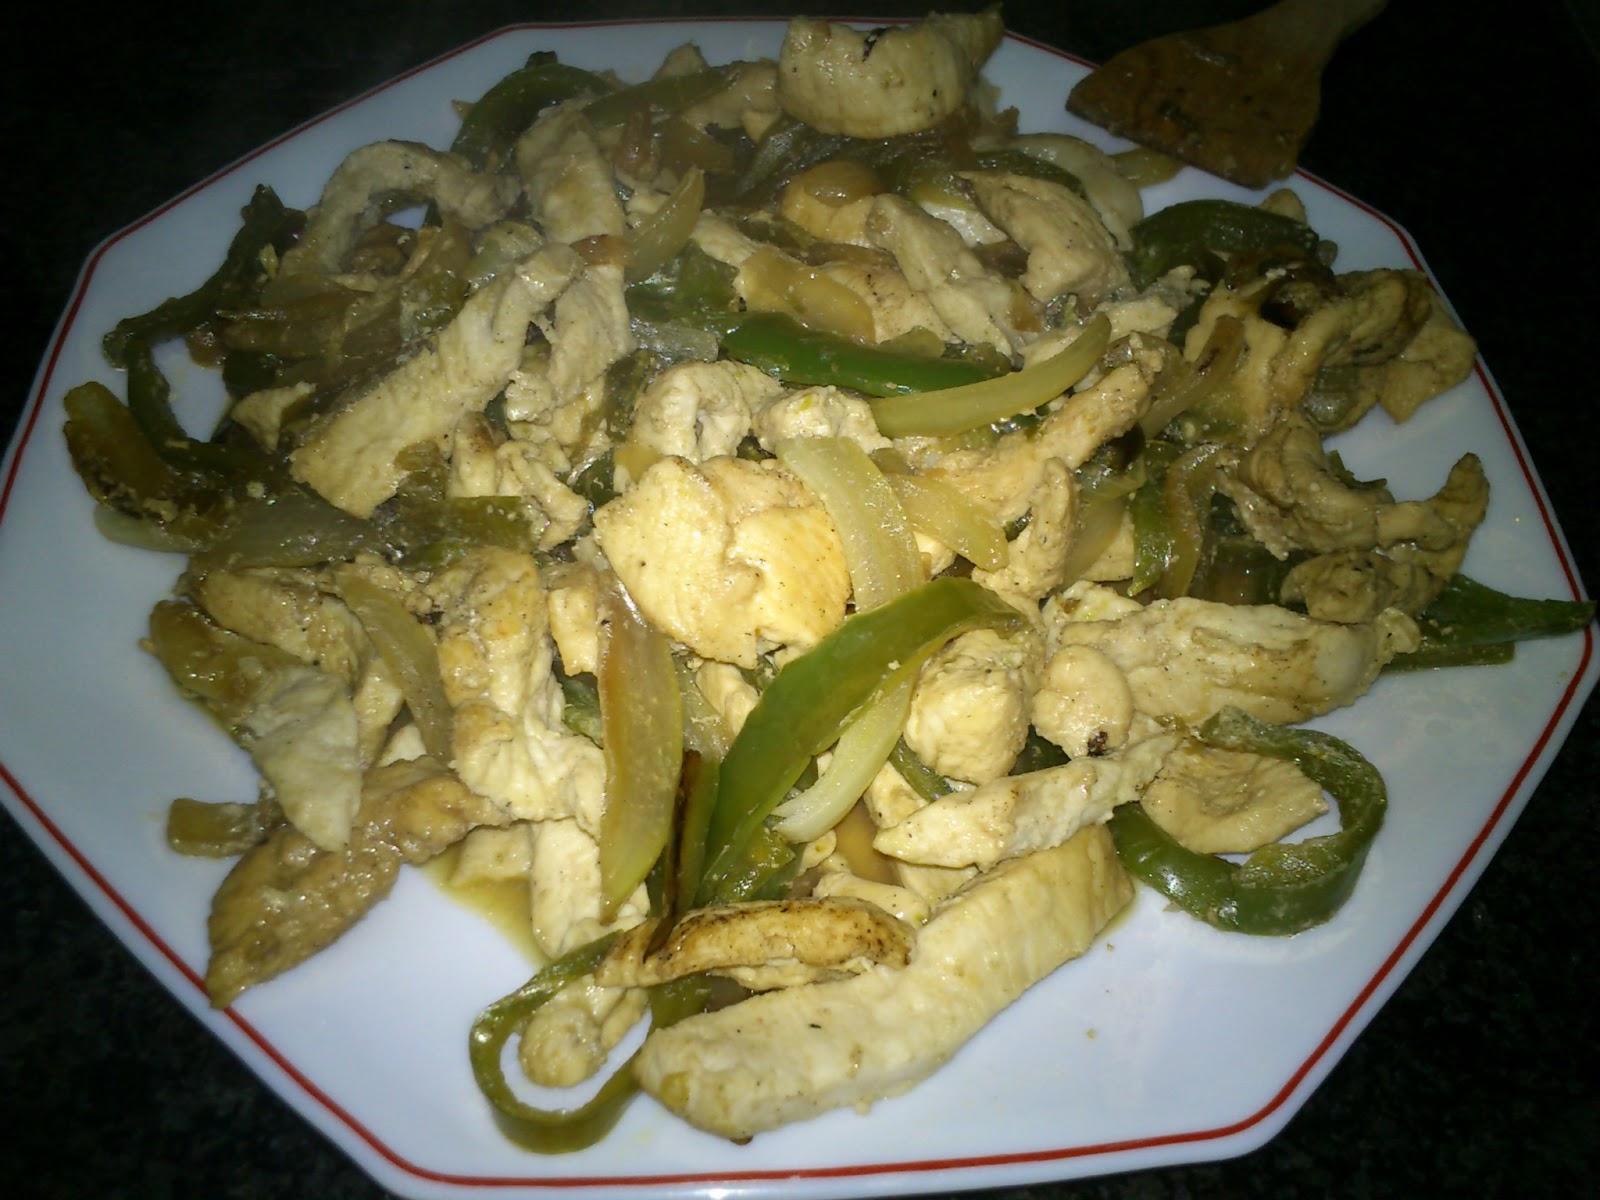 Recetas de cocina f ciles y econ micas fajitas de pollo for Comidas ricas y baratas